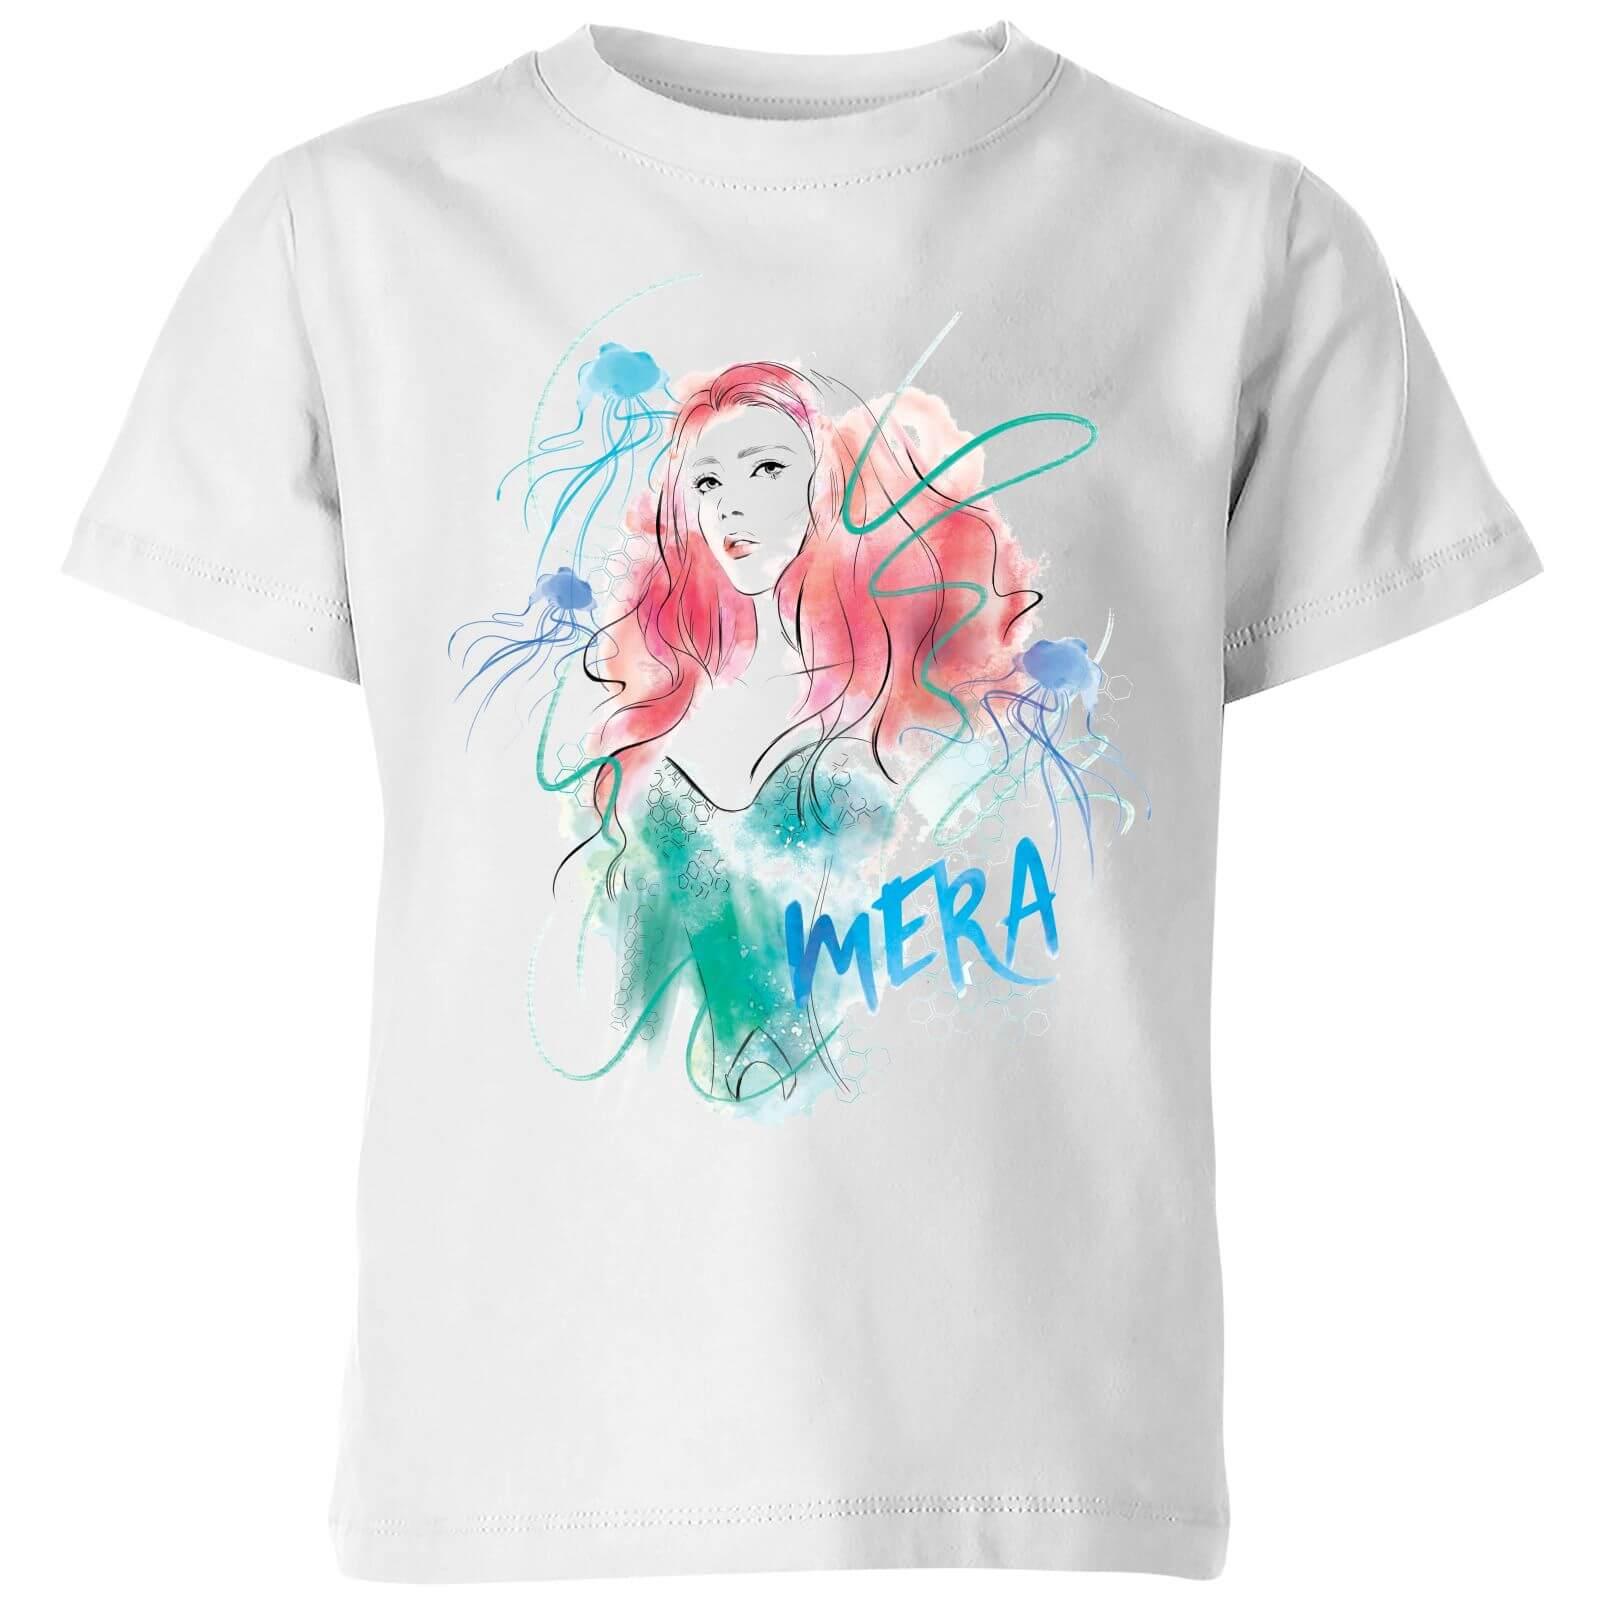 DC Comics Aquaman Mera Kids' T-Shirt - White - 3-4 Years - White